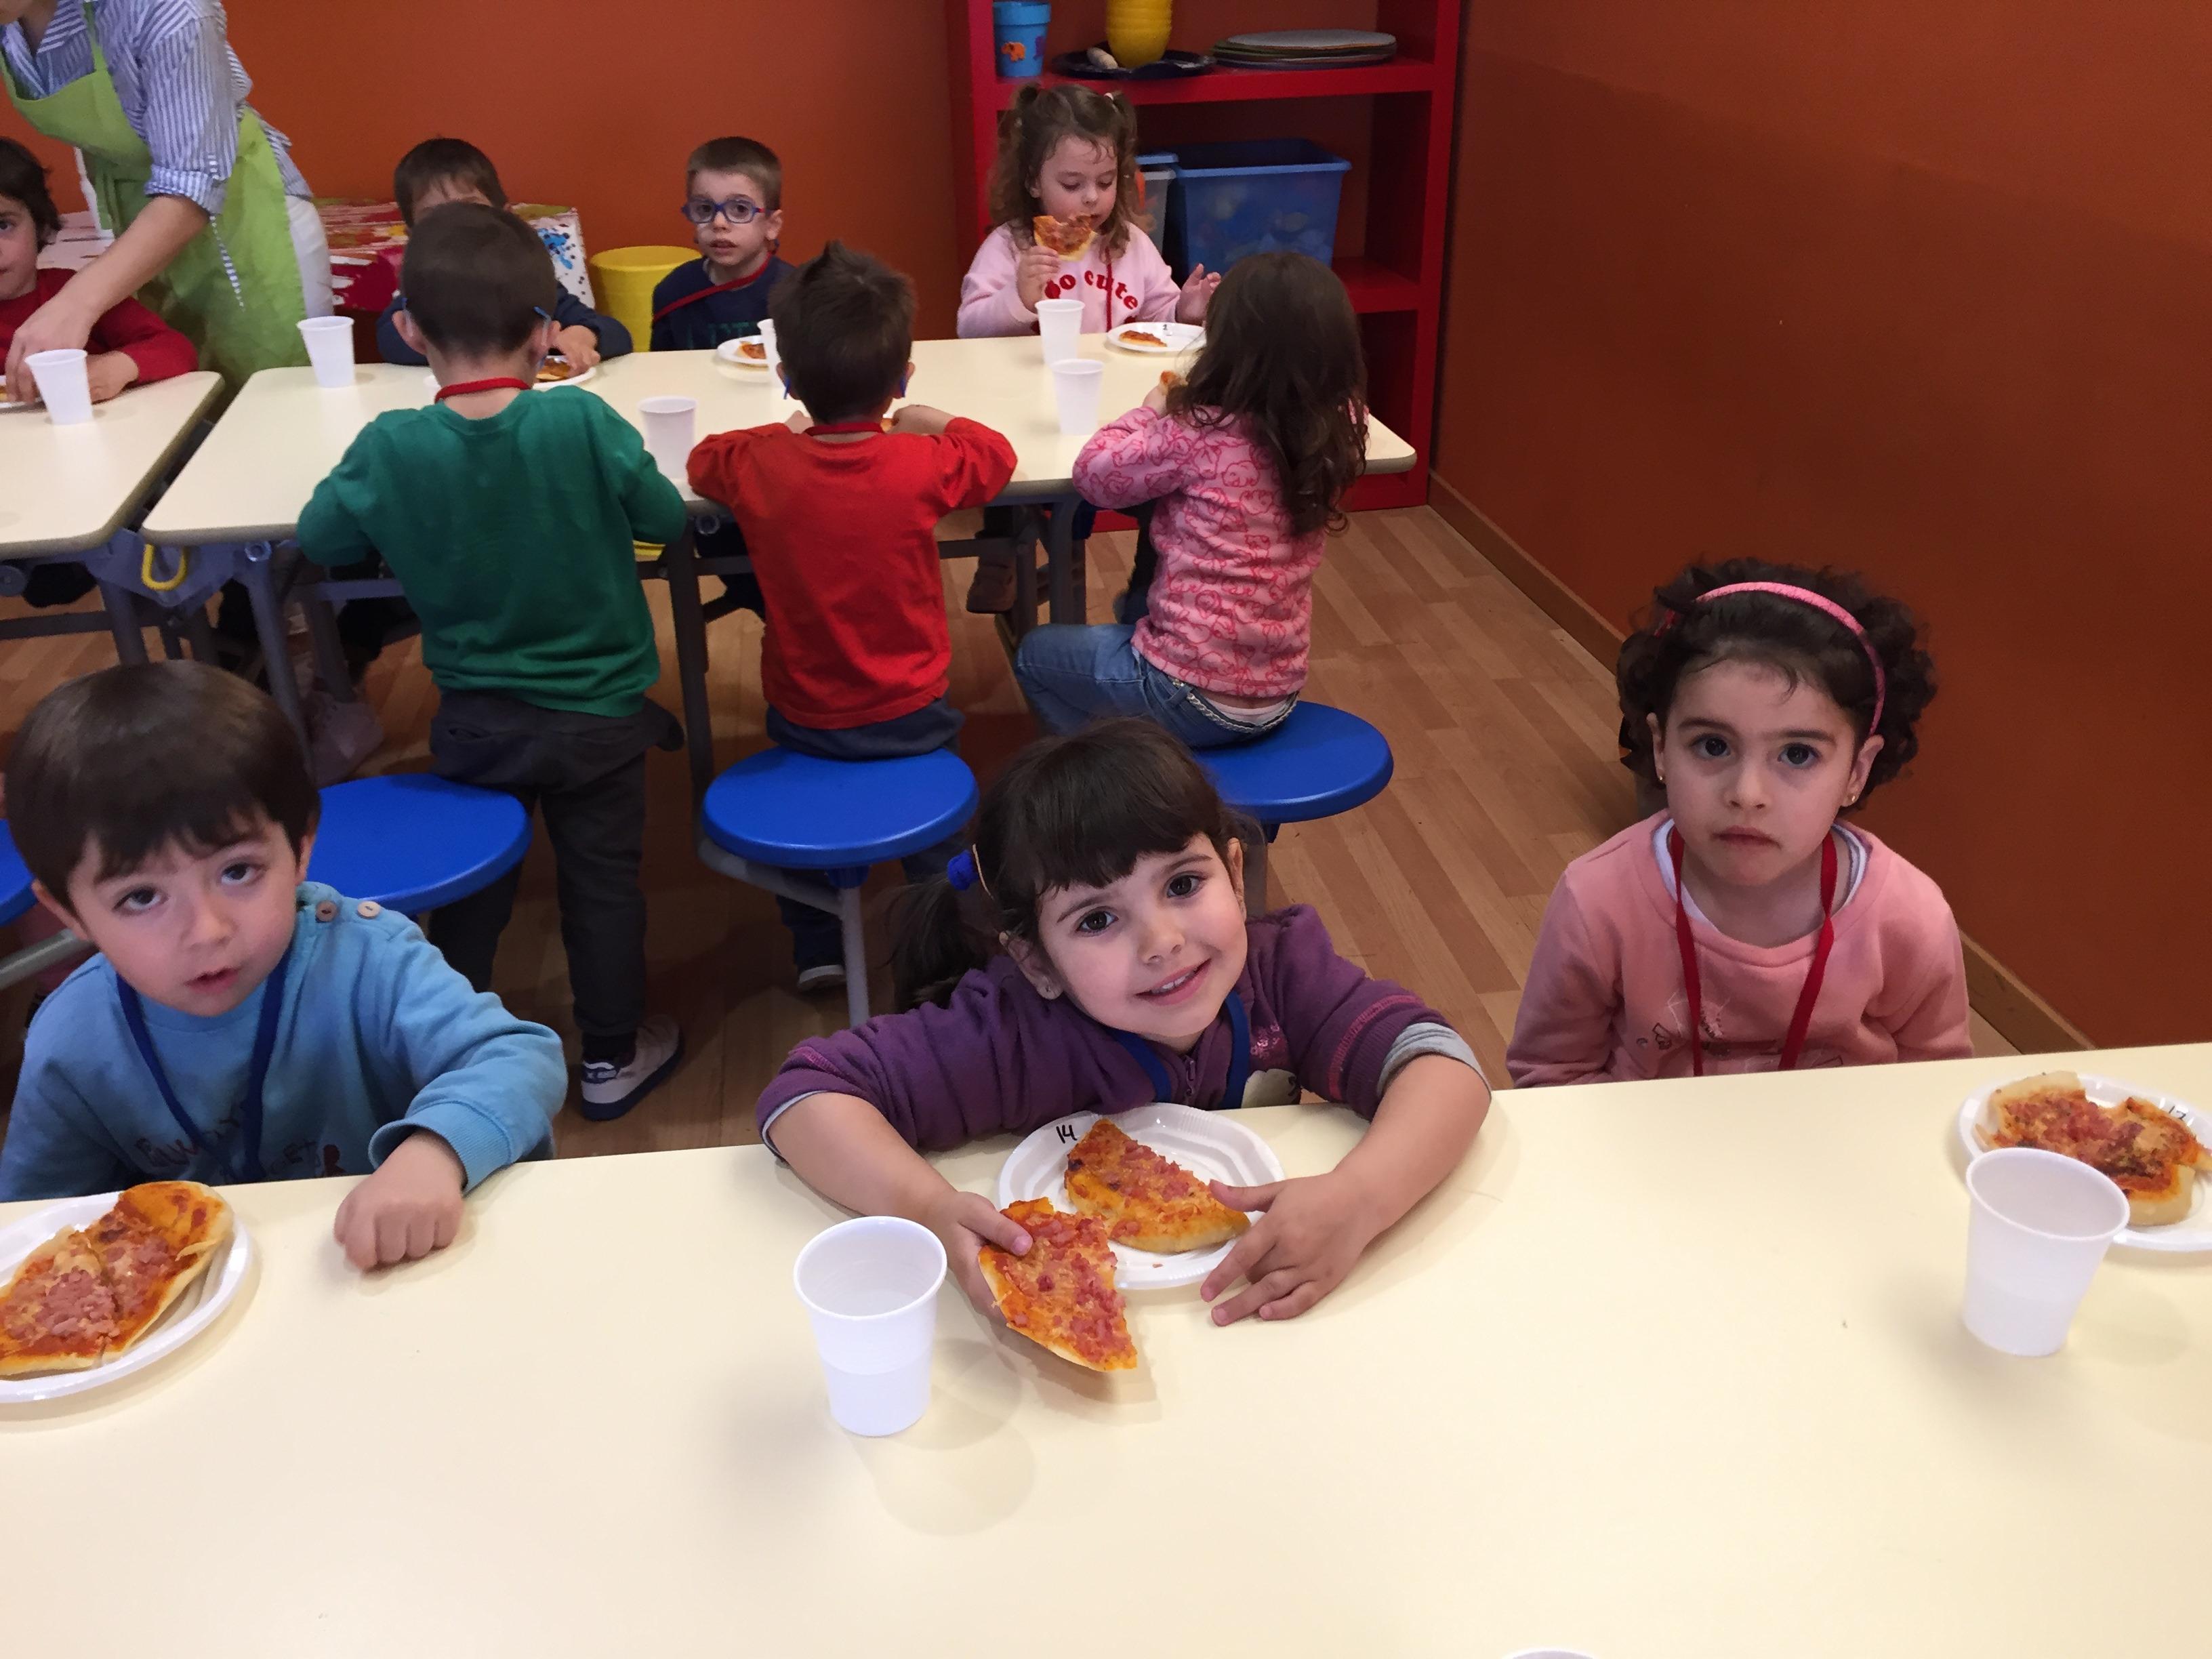 Excursión Escuela de cocina 17